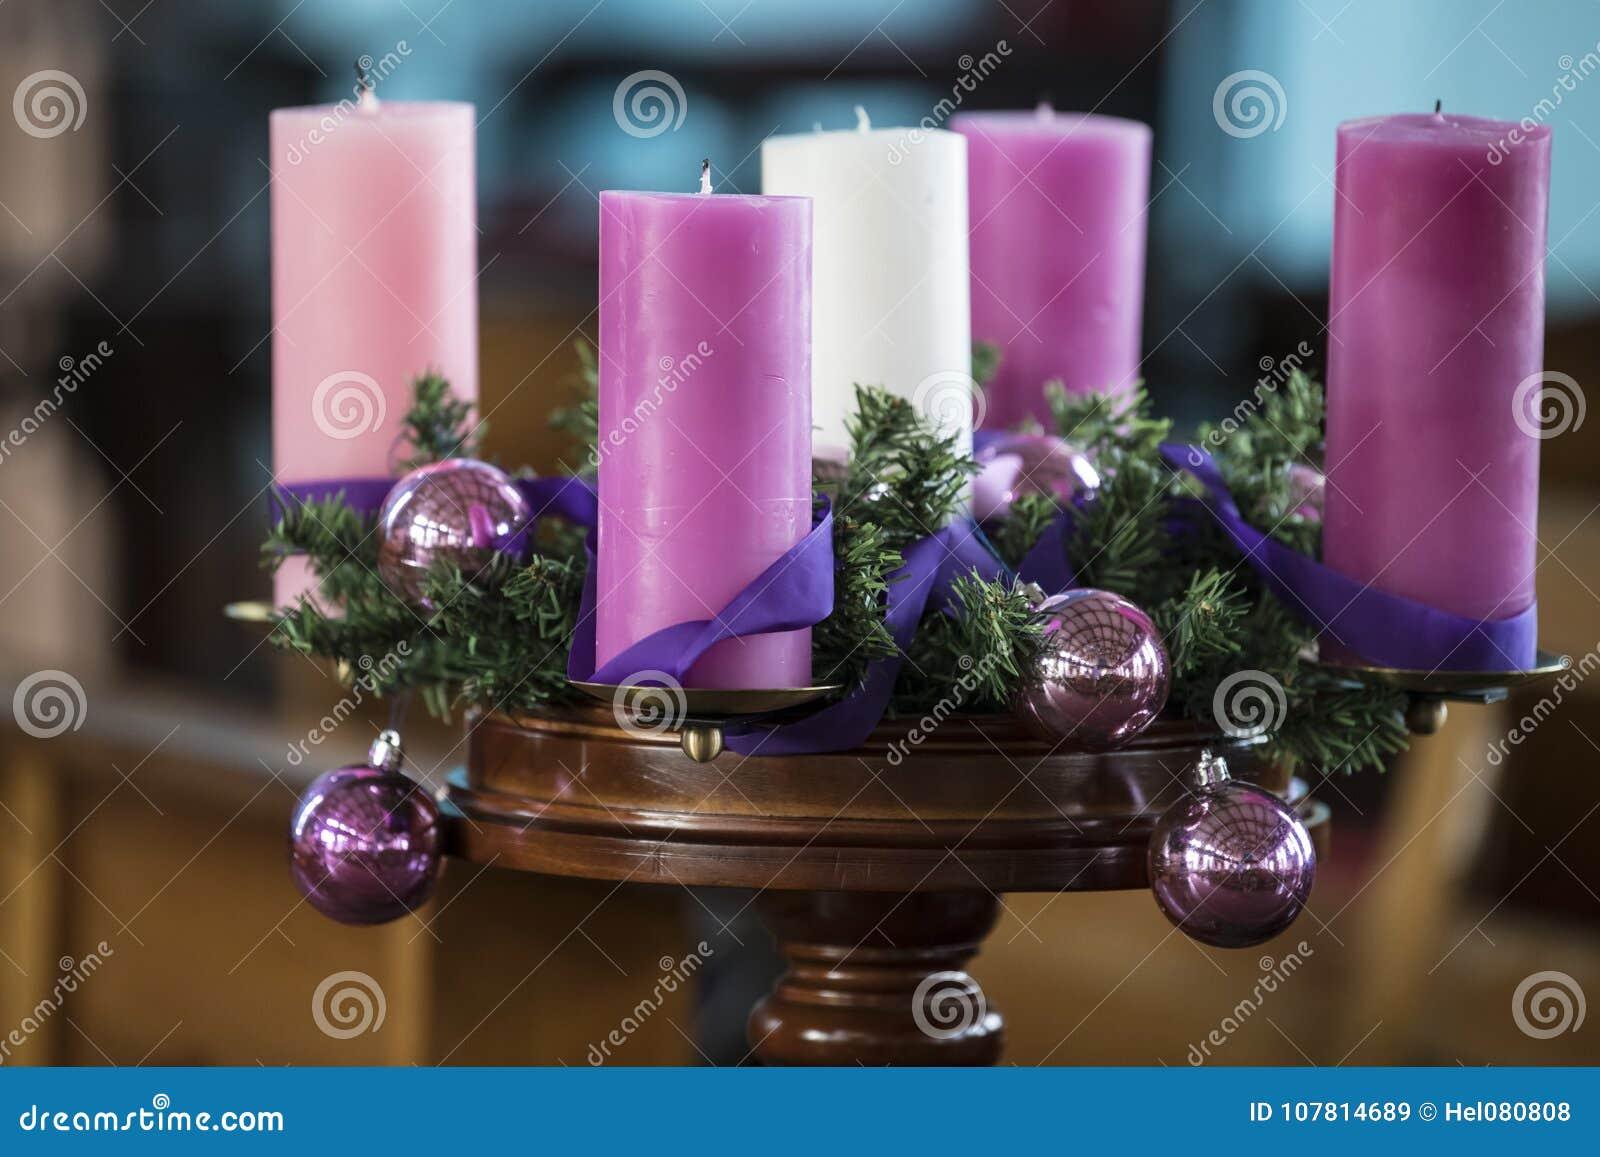 Στεφάνι εμφάνισης με τα ρόδινα κεριά